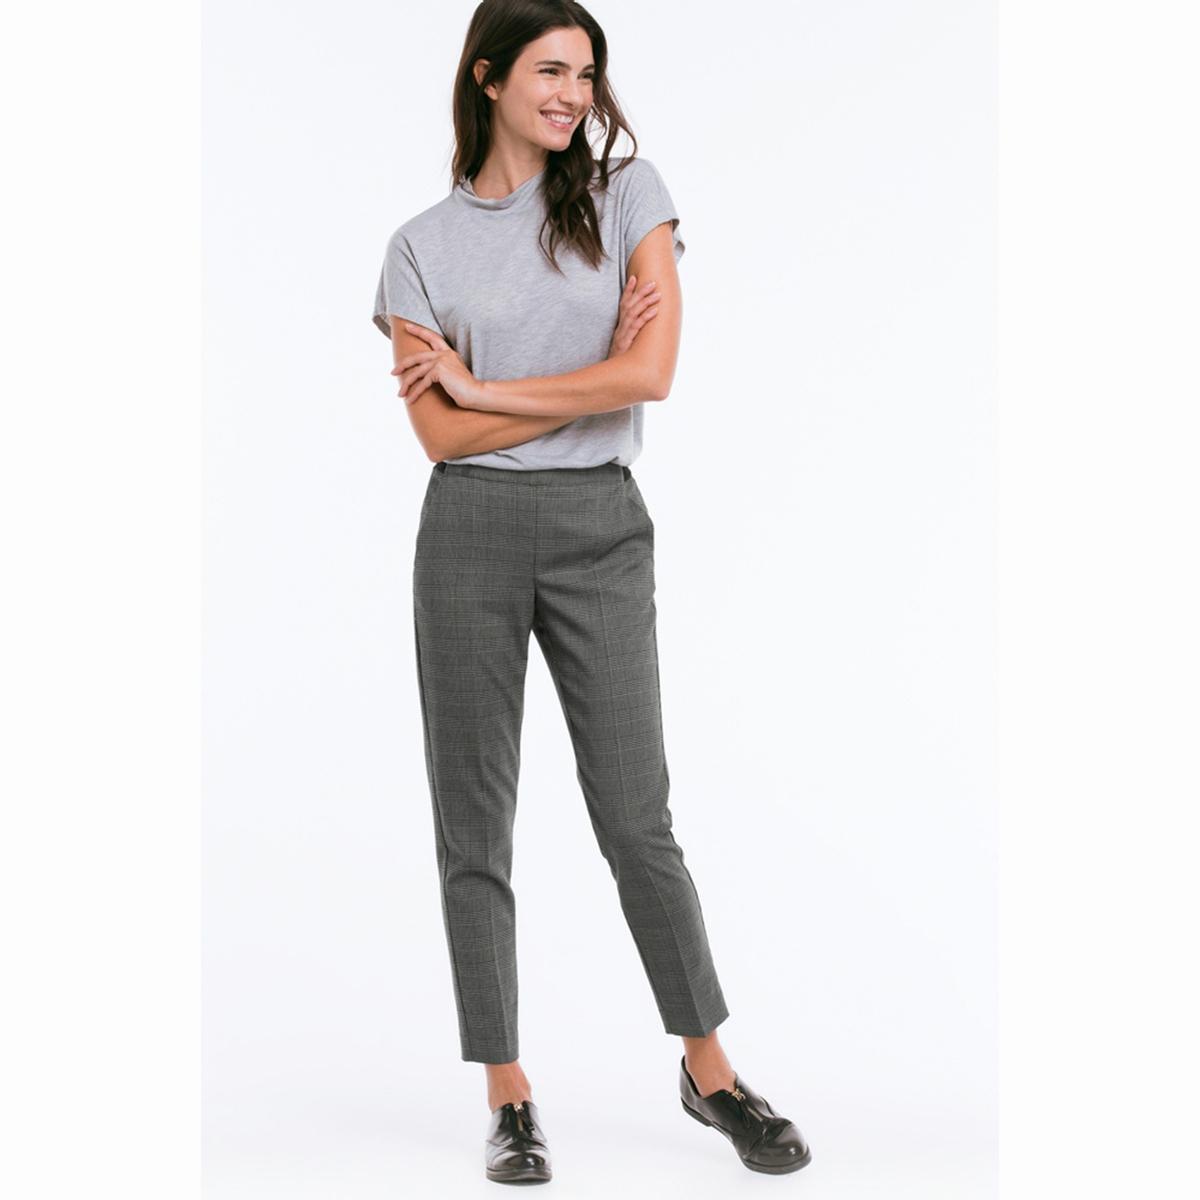 БрюкиСимпатичные брюки-дудочки, длина до щиколотки . Из красиво ниспадающей ткани, со складками и боковыми карманами . Стандартная высота талии без застежки . Широкая резинка сзади . Длина по внутр. шву ок.70 см. для всех размеров. Ширина по низу ок.32 см. 95 см для размера 38. 64% полиэстера, 34% вискозы, 2% эластана. Покрой: стандартный. Стирка при 40°.<br><br>Цвет: в клетку черный/ серый